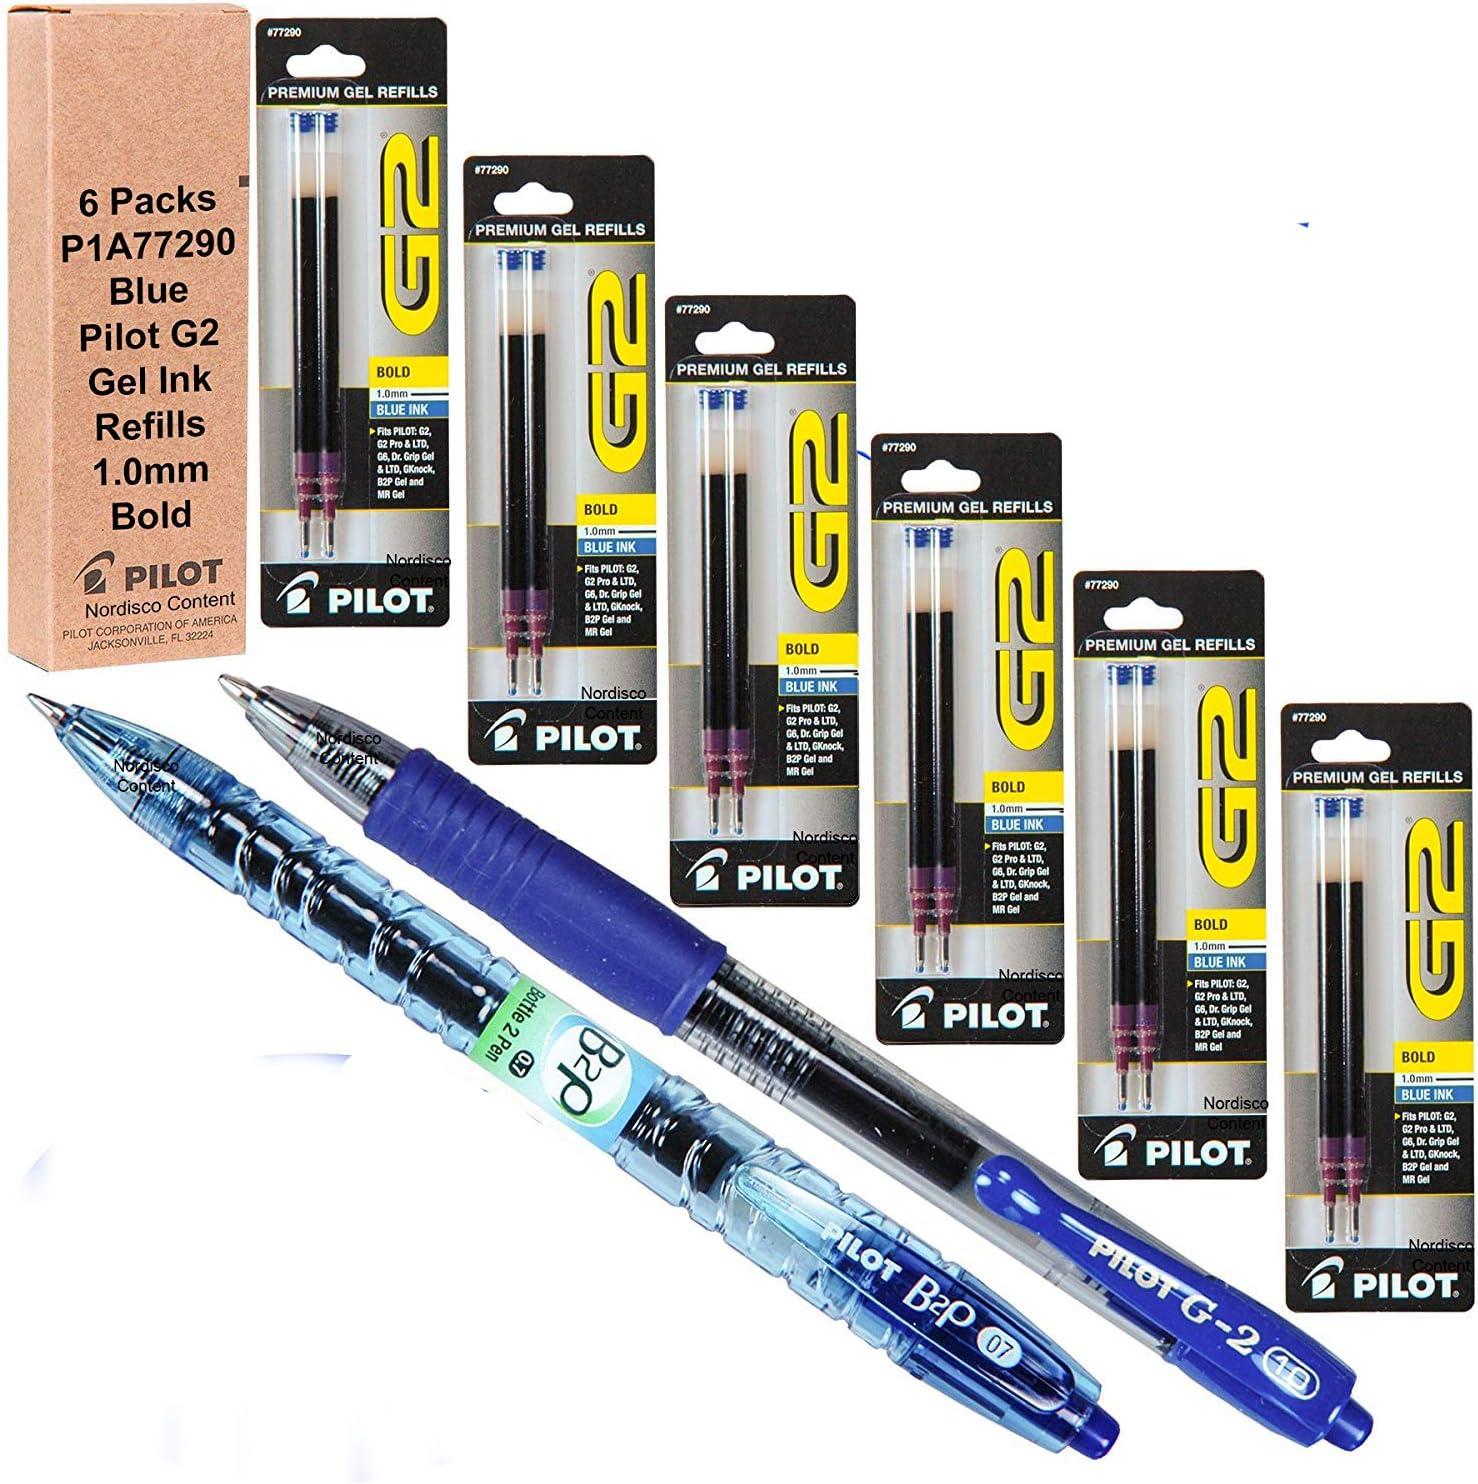 Pilot G2 Refills Blue Gel Ink Packs Sale item Bold 6 of Pt 1.0mm Max 83% OFF